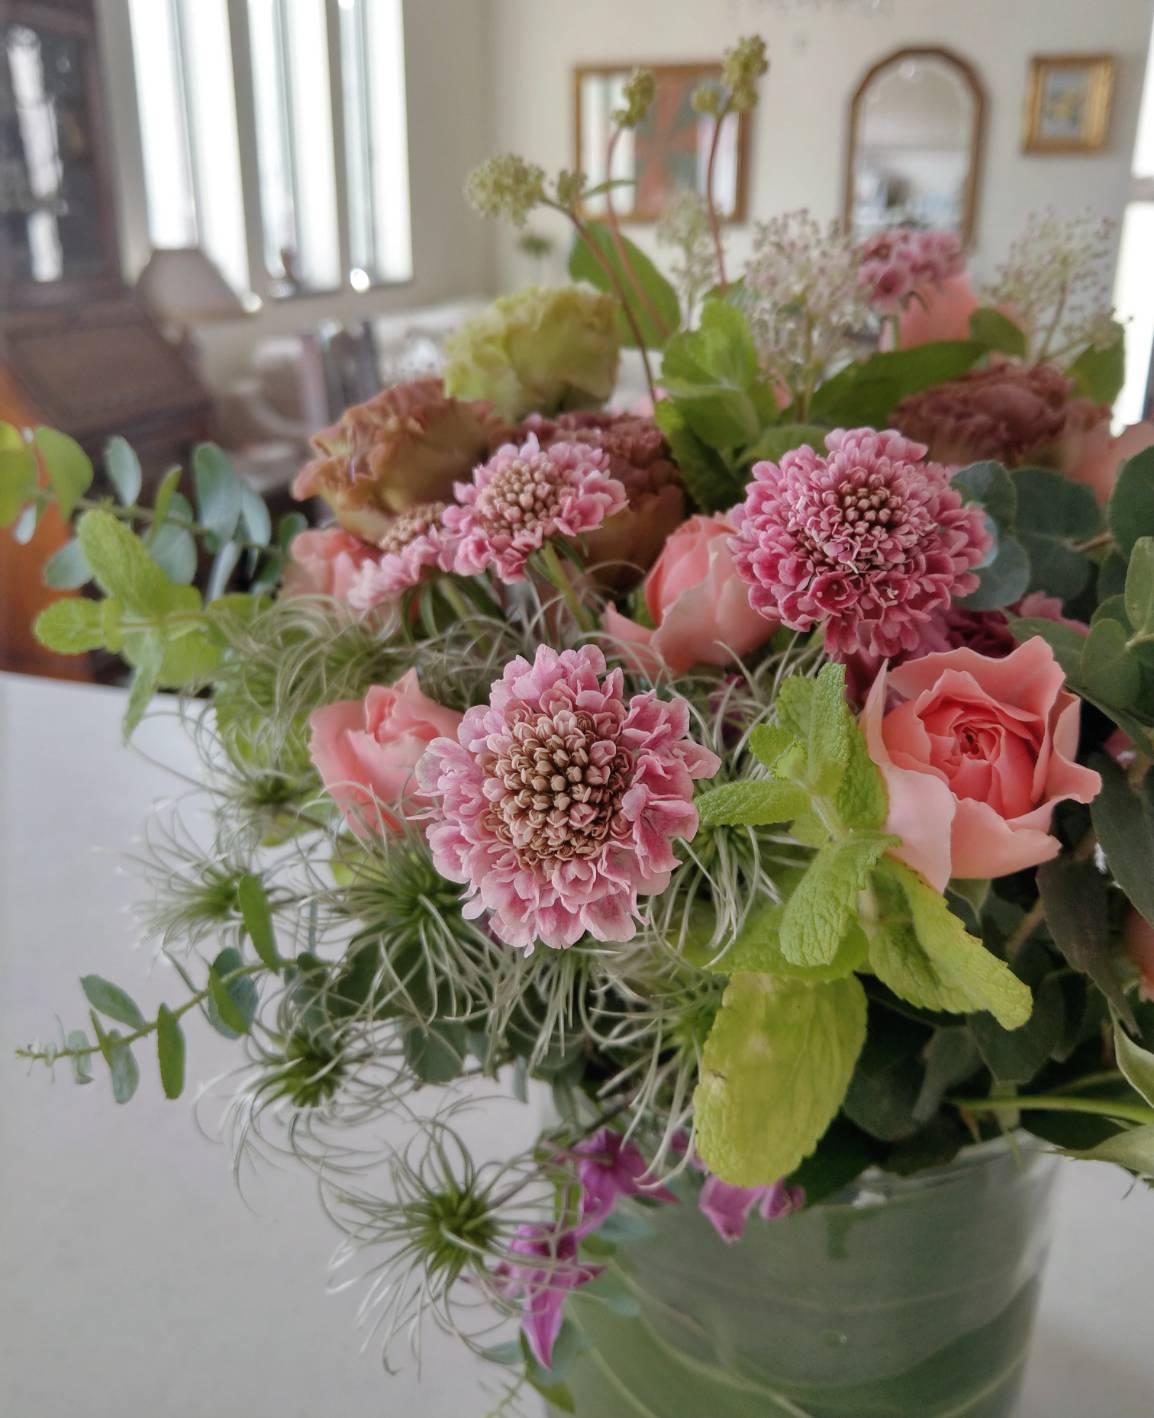 スカビオサ、バラ、リシアンサス、クレマチスなど秋の花材を使ったブーケ